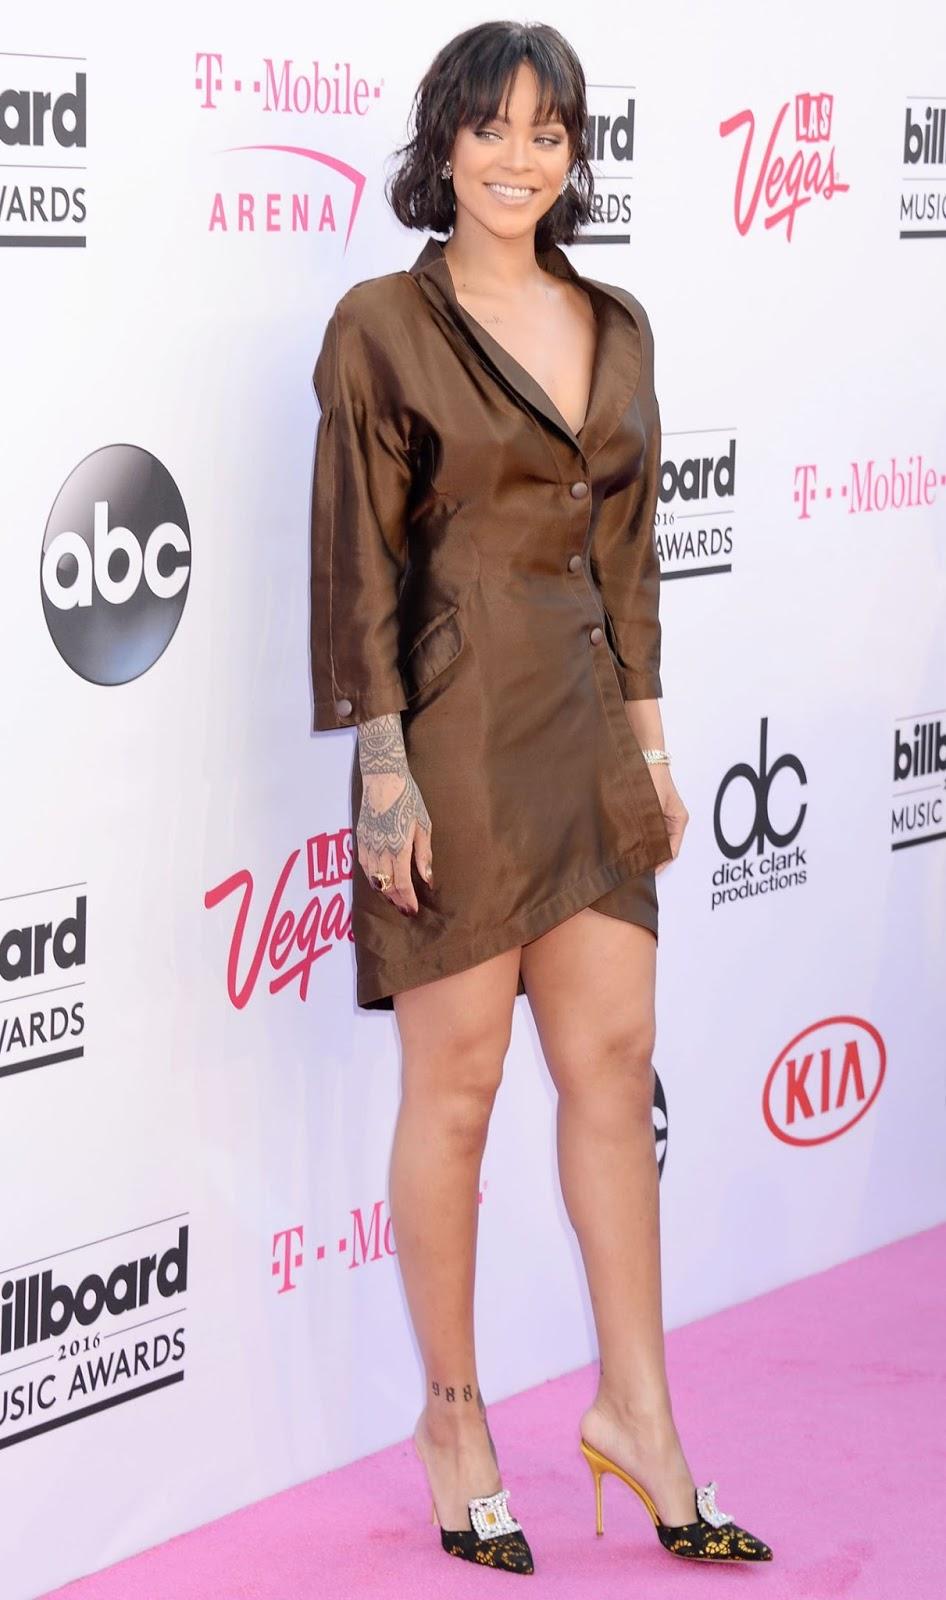 Rihanna wears a silk shirt dress to the Billboard Music Awards 2016